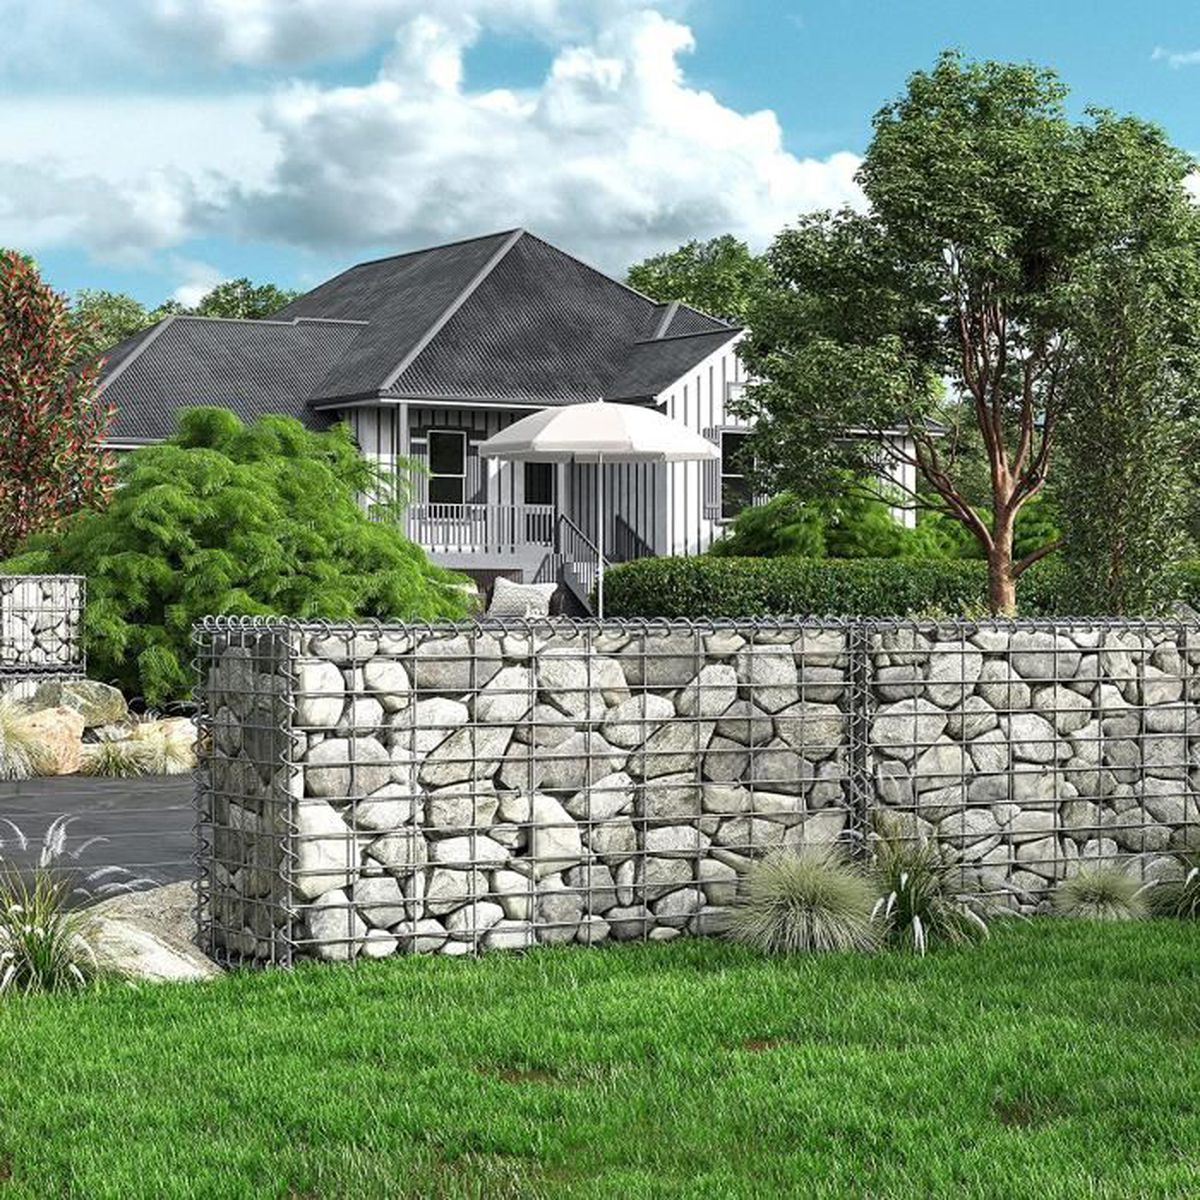 gabion pierre 100 x 50 x 30 cm base pour mur m tallique d co jardin cl ture d corative songmics. Black Bedroom Furniture Sets. Home Design Ideas